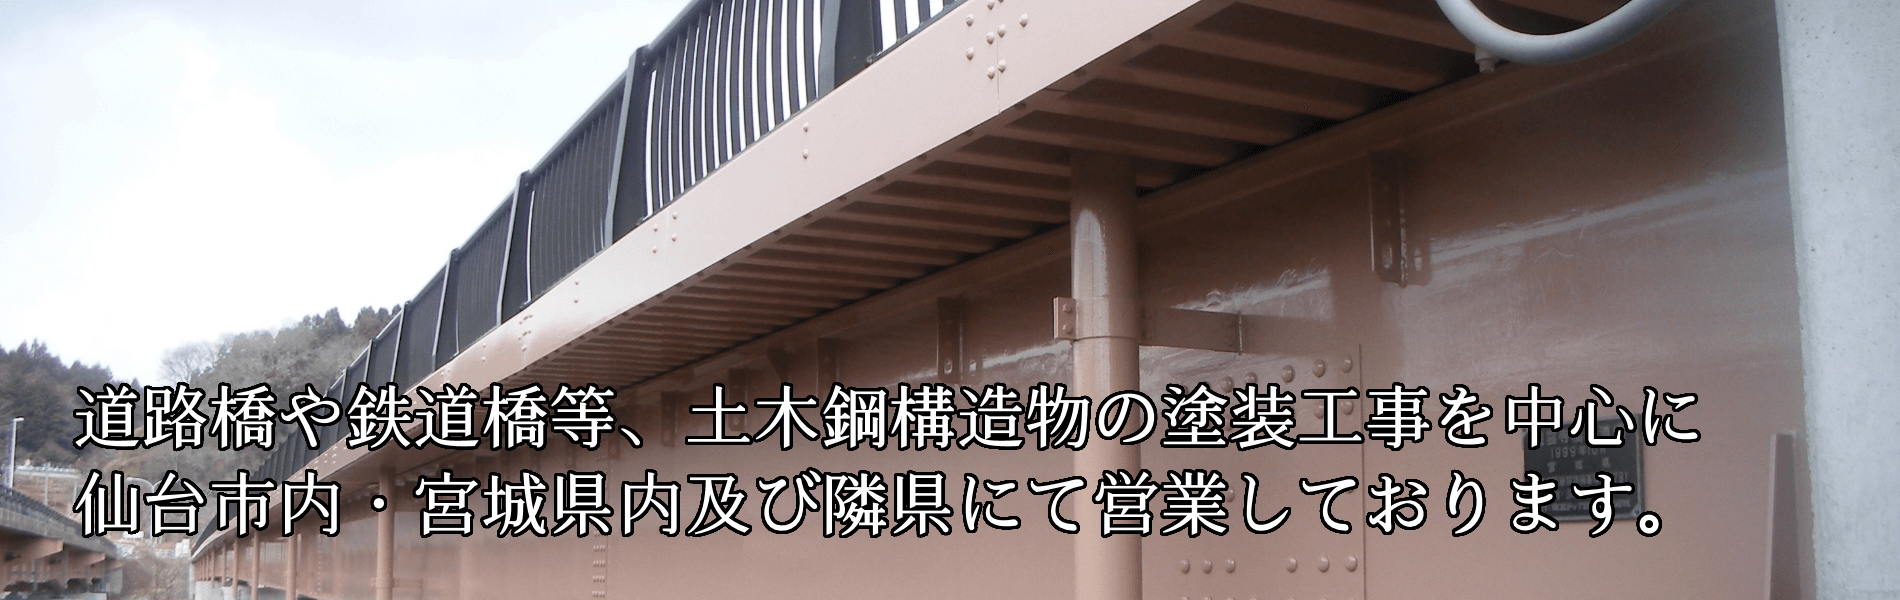 工事実績 橋梁塗装・鋼構造物塗装 道路橋や鉄道橋など、土木構造物の塗装工事を中心に、仙台市内・宮城県内及び隣県にて営業しております。